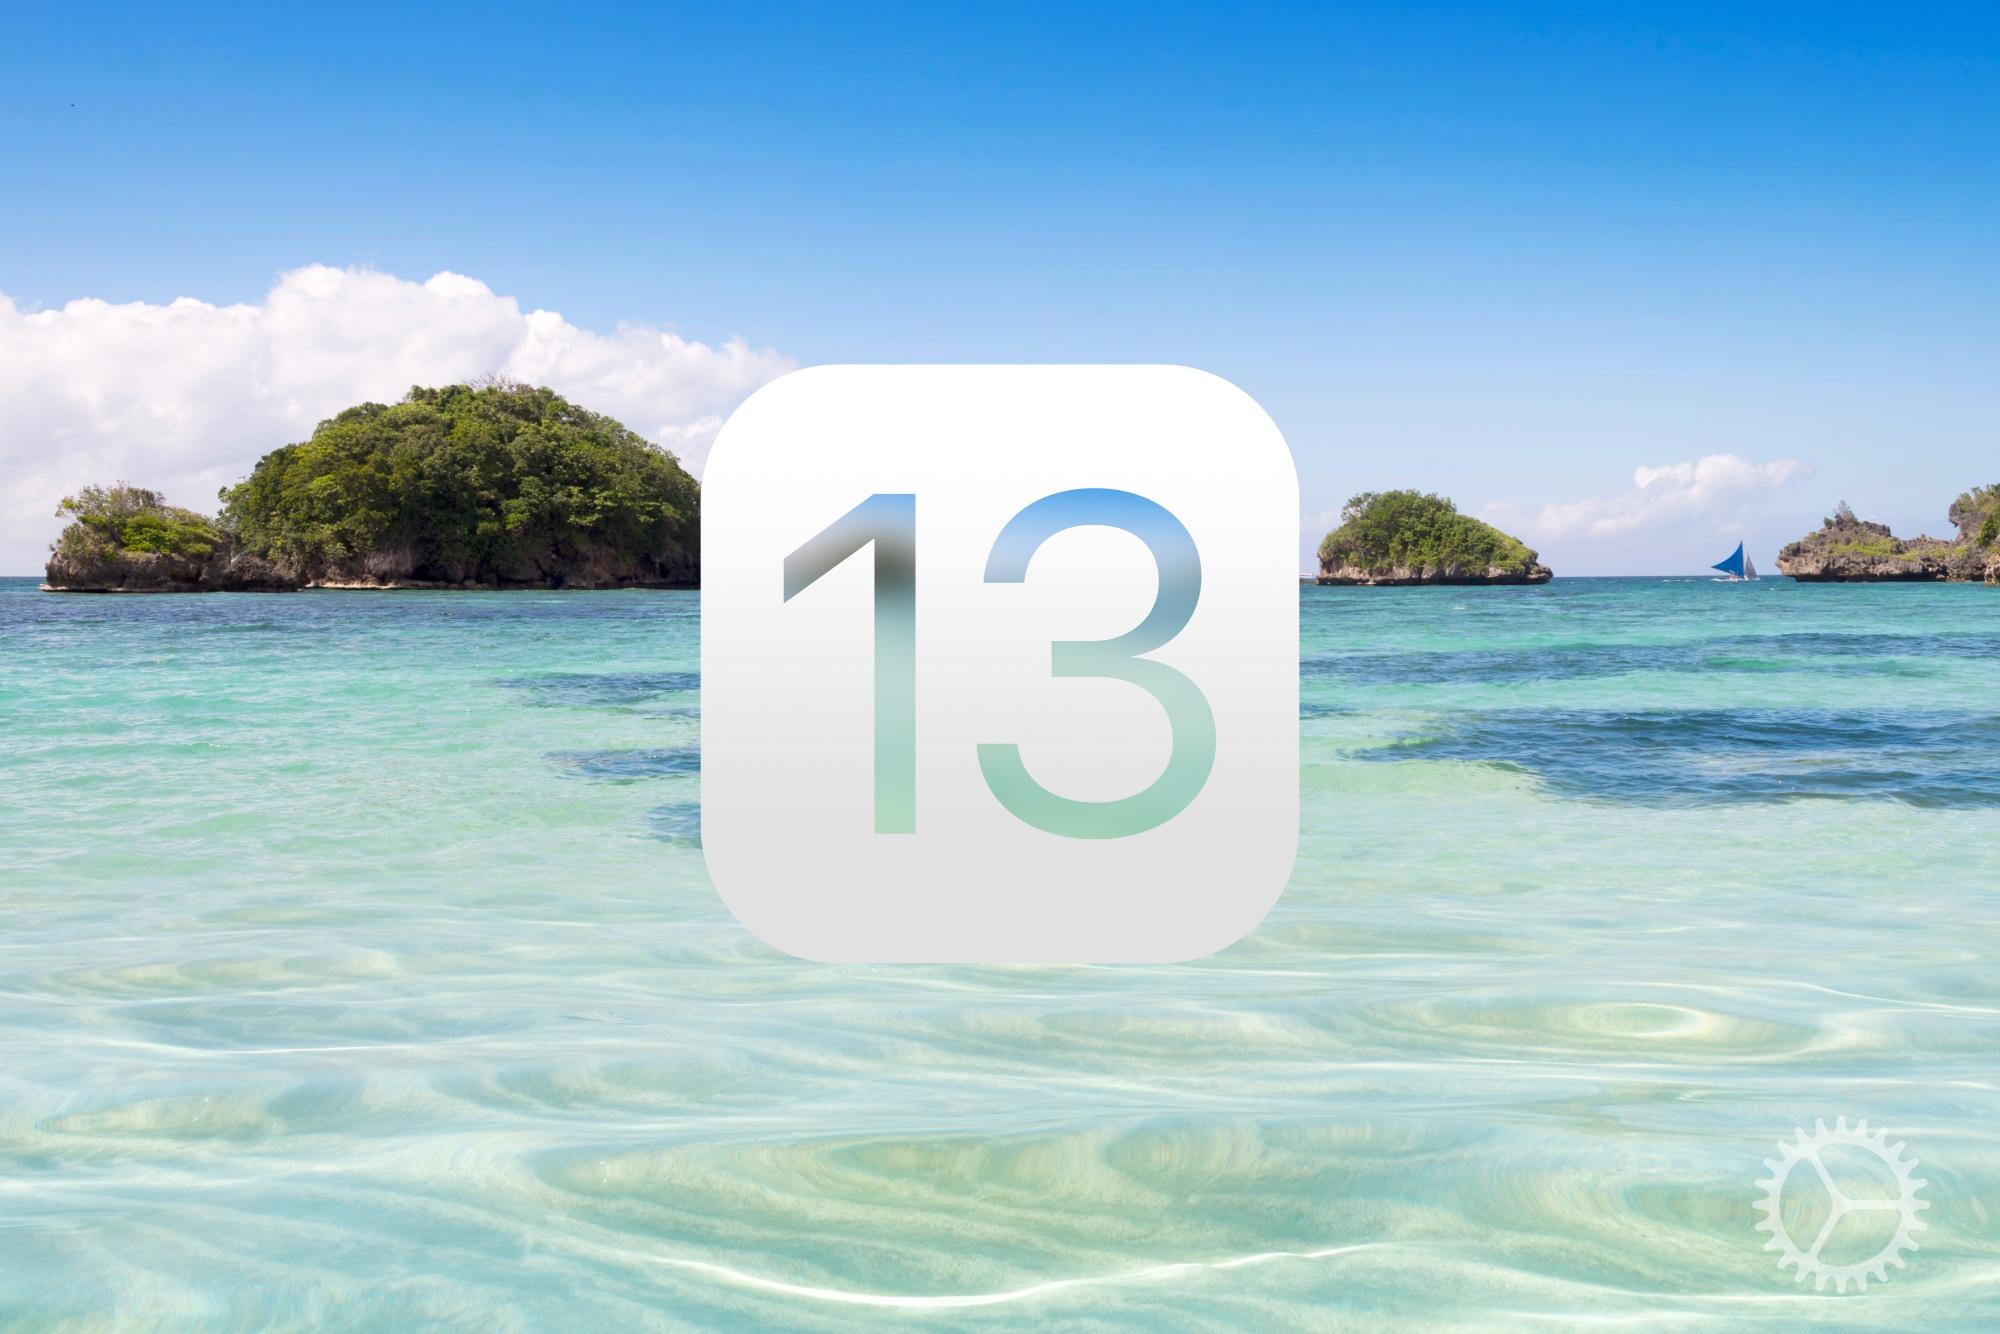 ios13 - iOS 13 : les premières nouveautés dévoilées